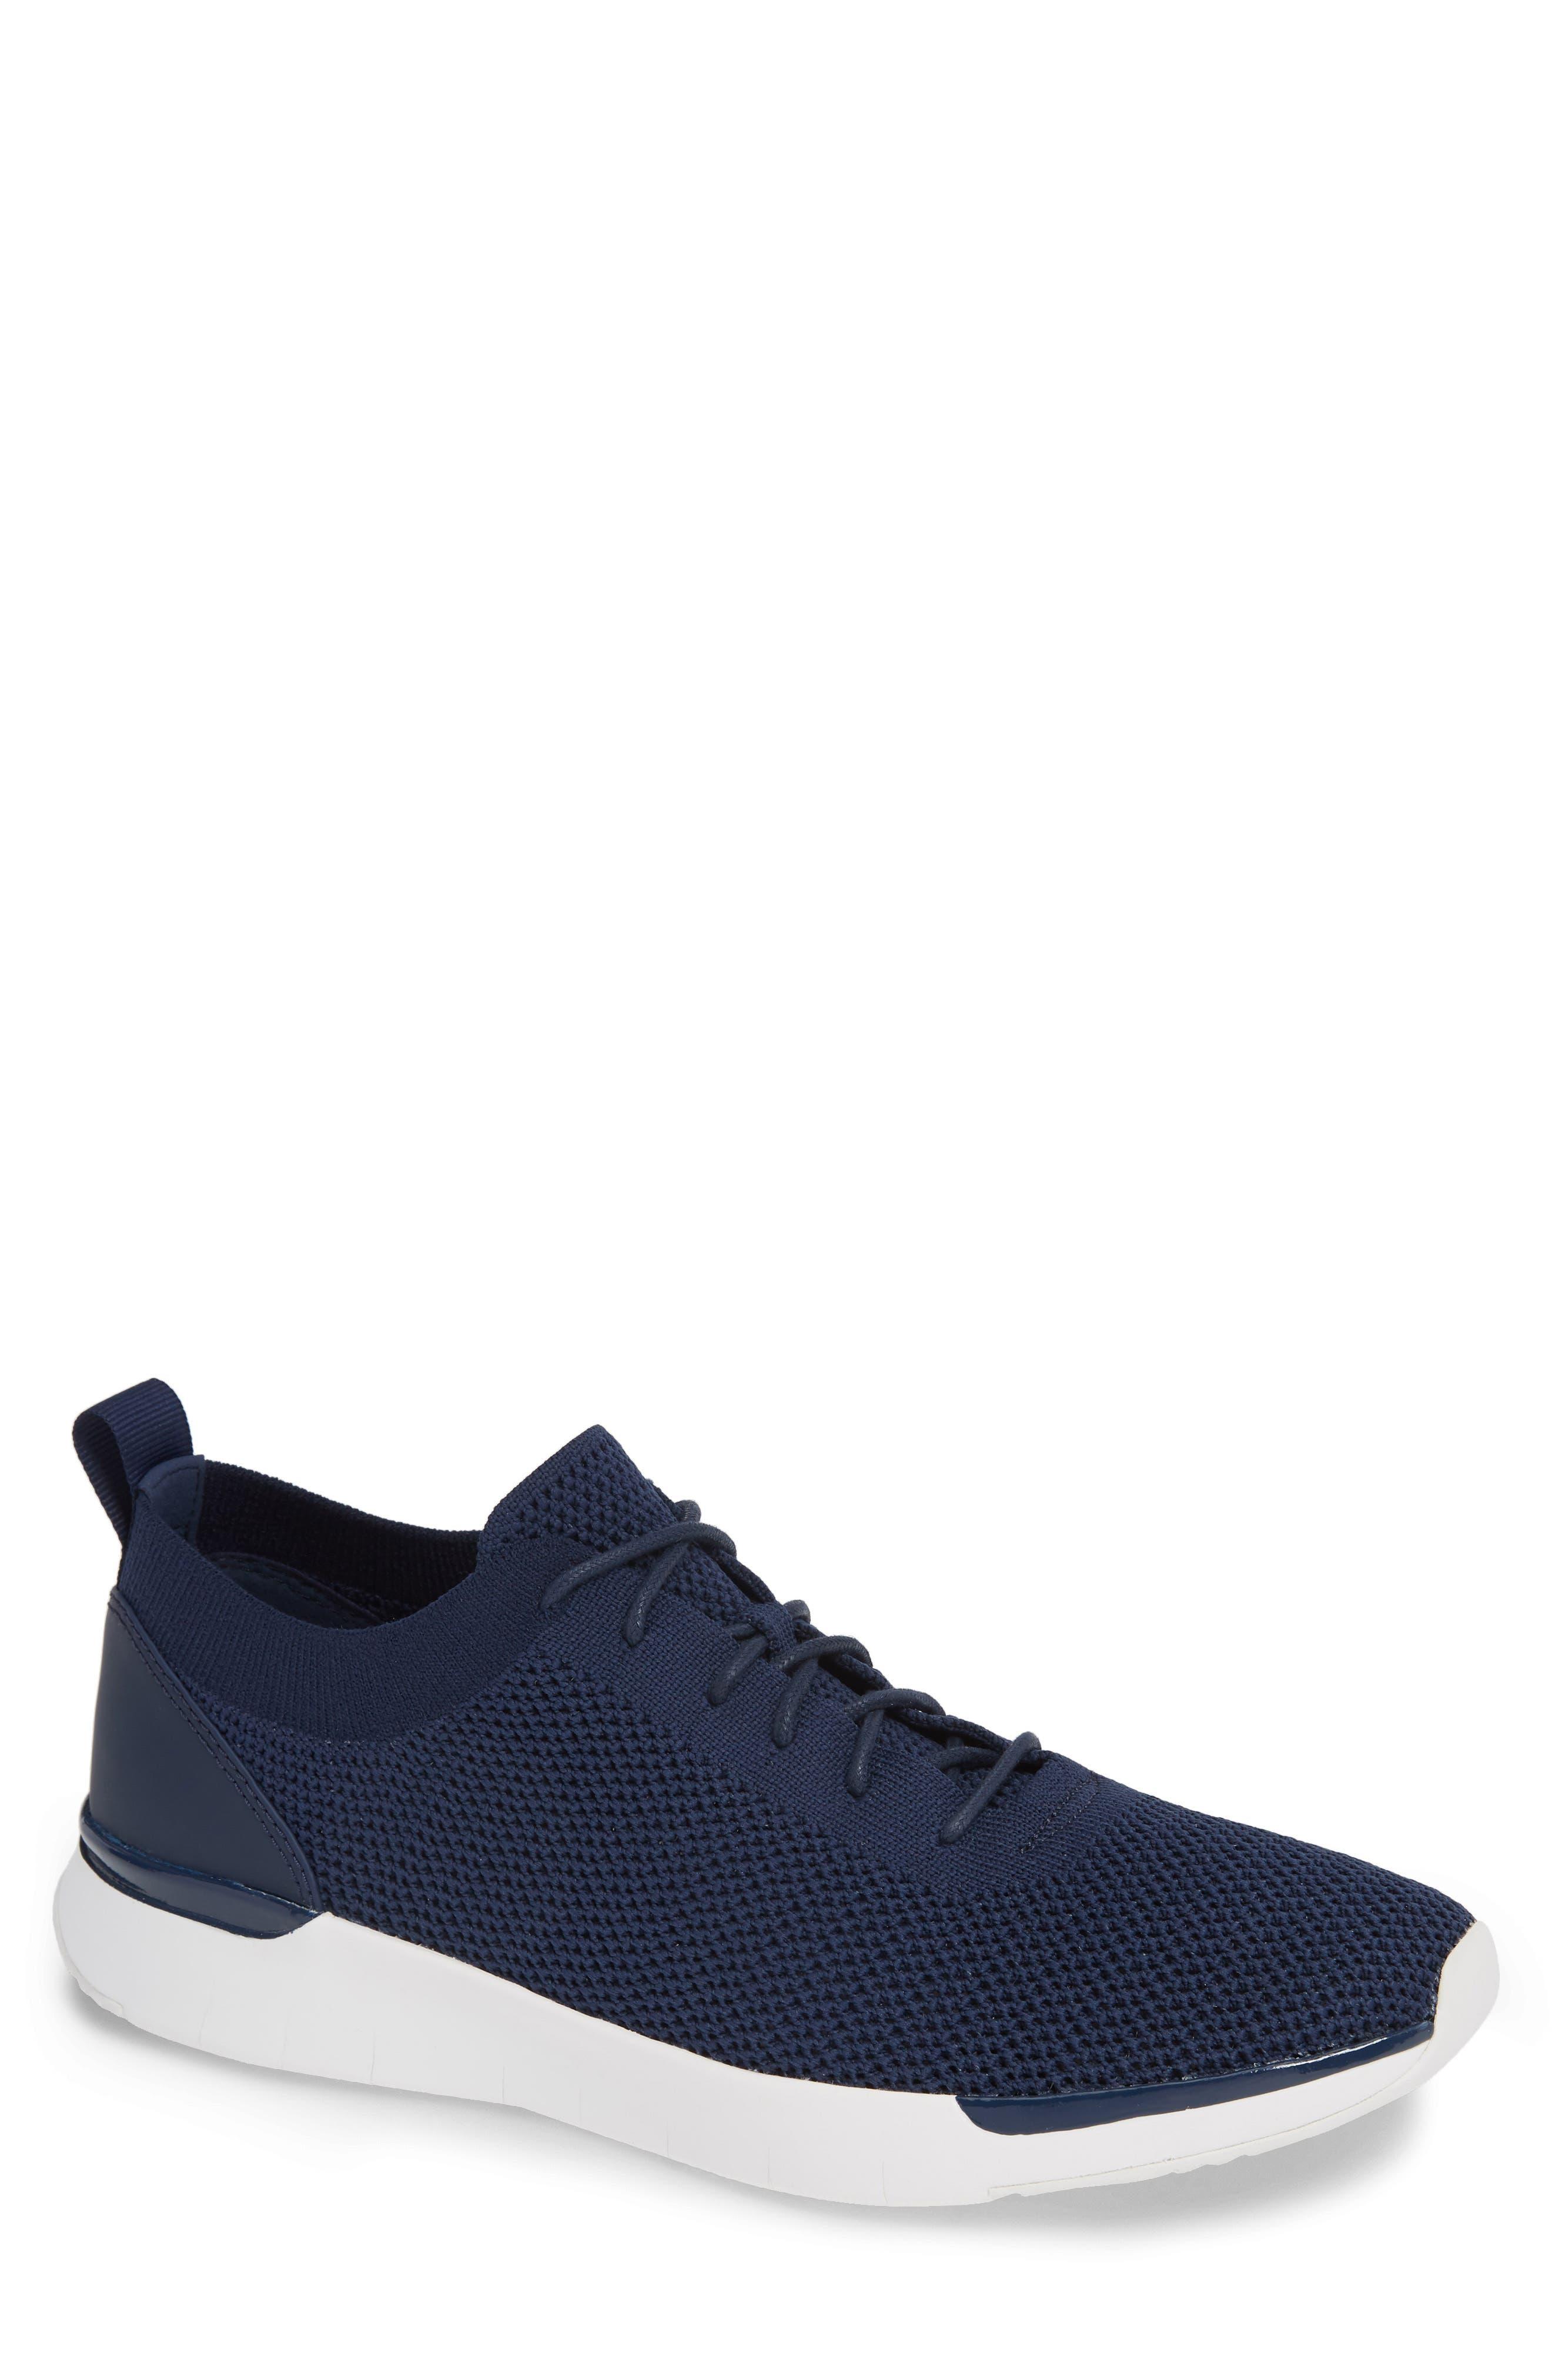 Fitflop Flexknit Sneaker, Blue